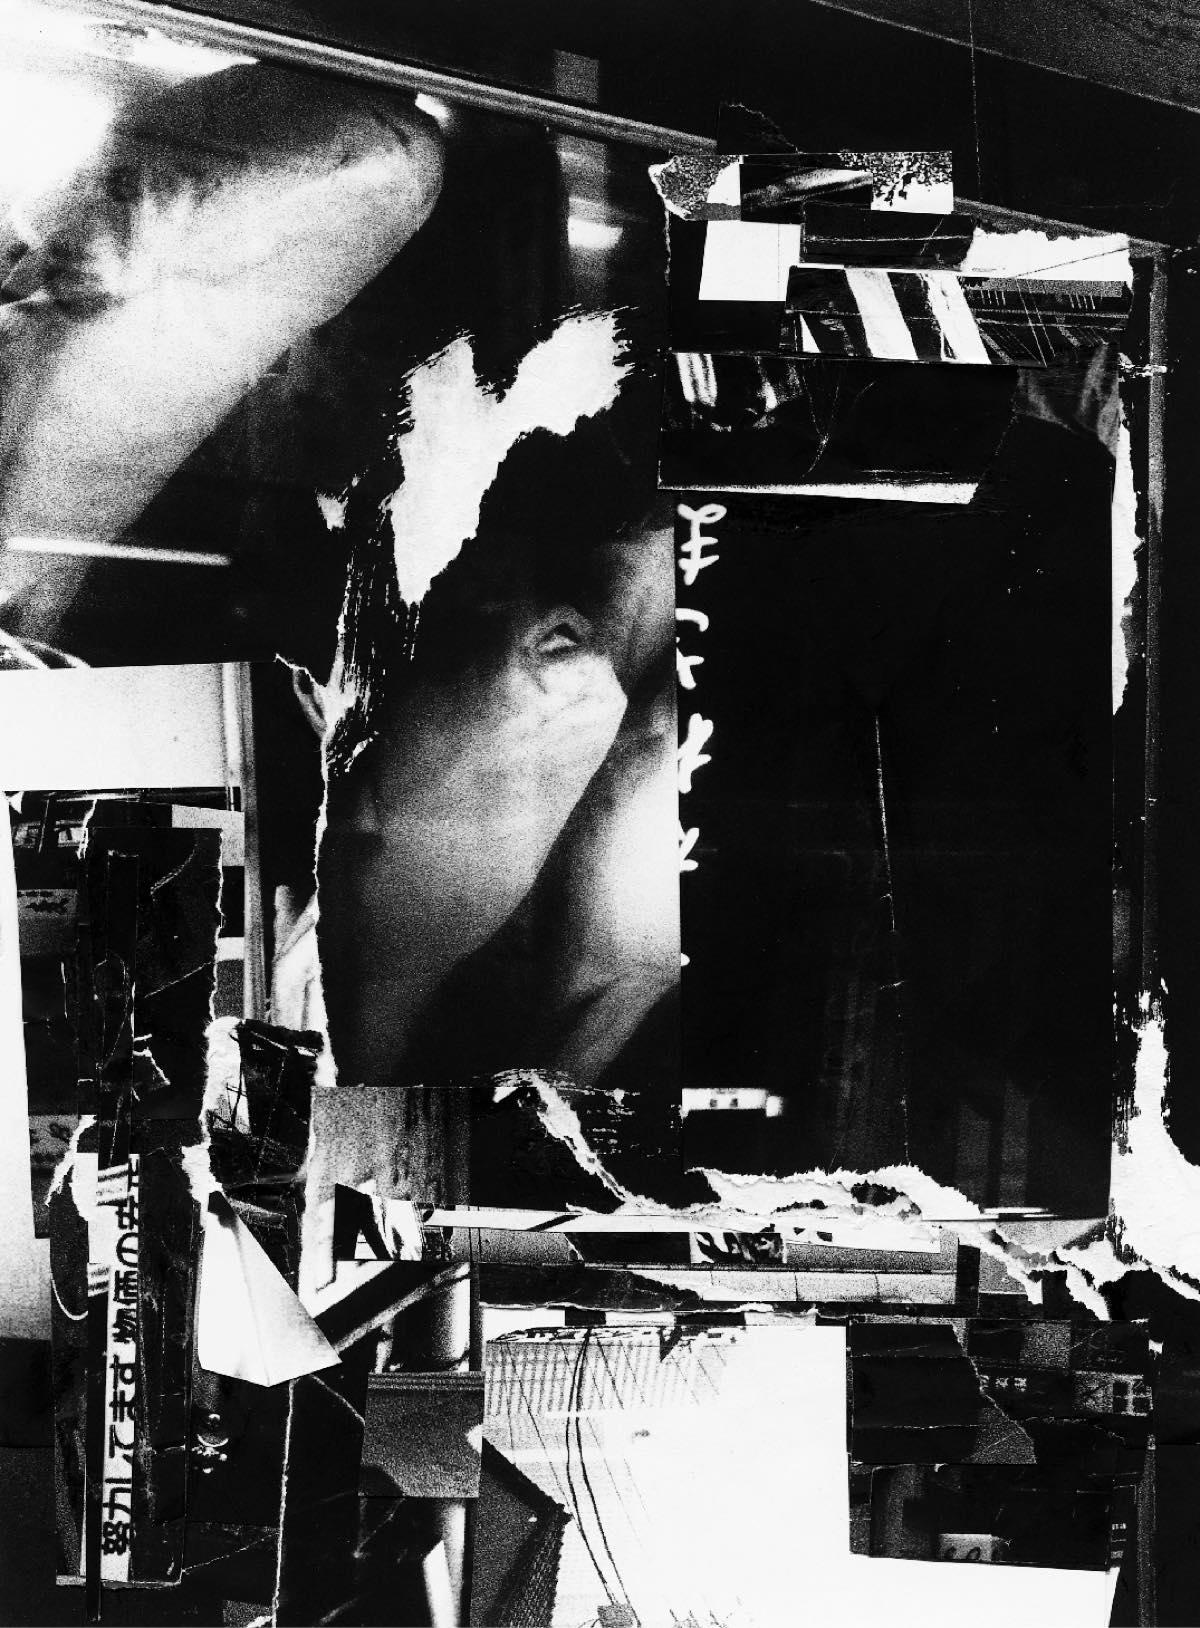 吉田昌平 展覧会「Shinjuku(Collage)」森山大道の写真集「新宿」をコラージュ